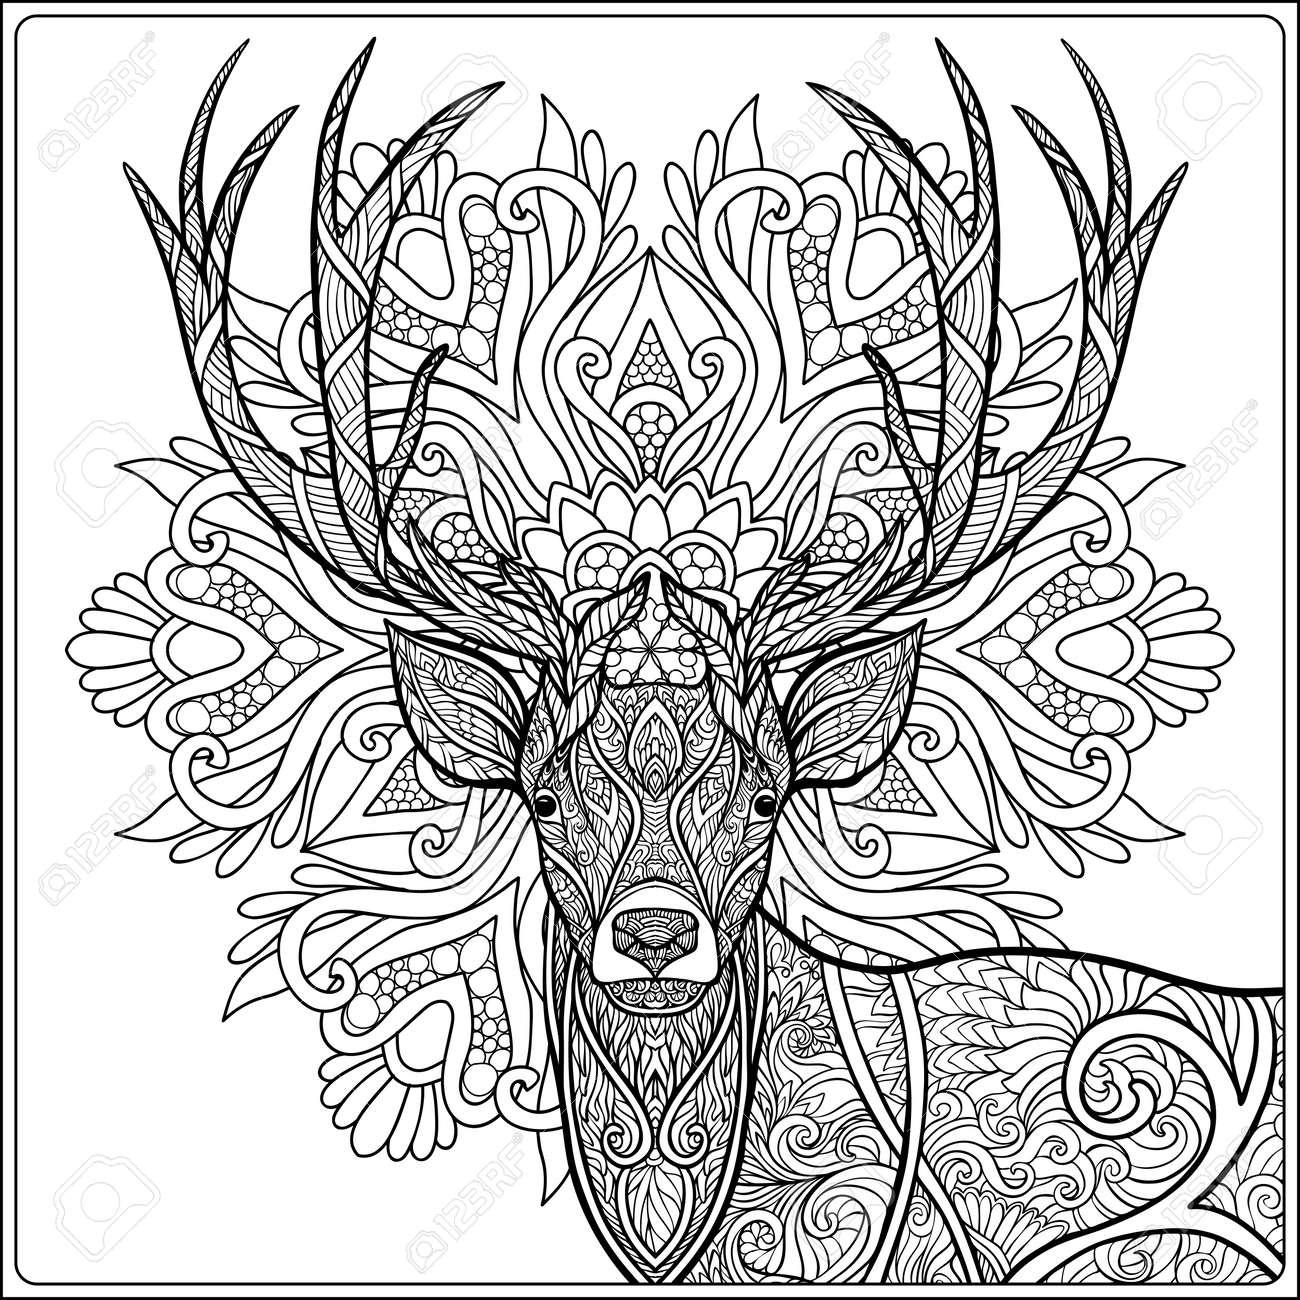 Dibujo Para Colorear Con El Fondo Ciervos Om Mandala Libro De Colorante Para Los Adultos Y Niños Mayores